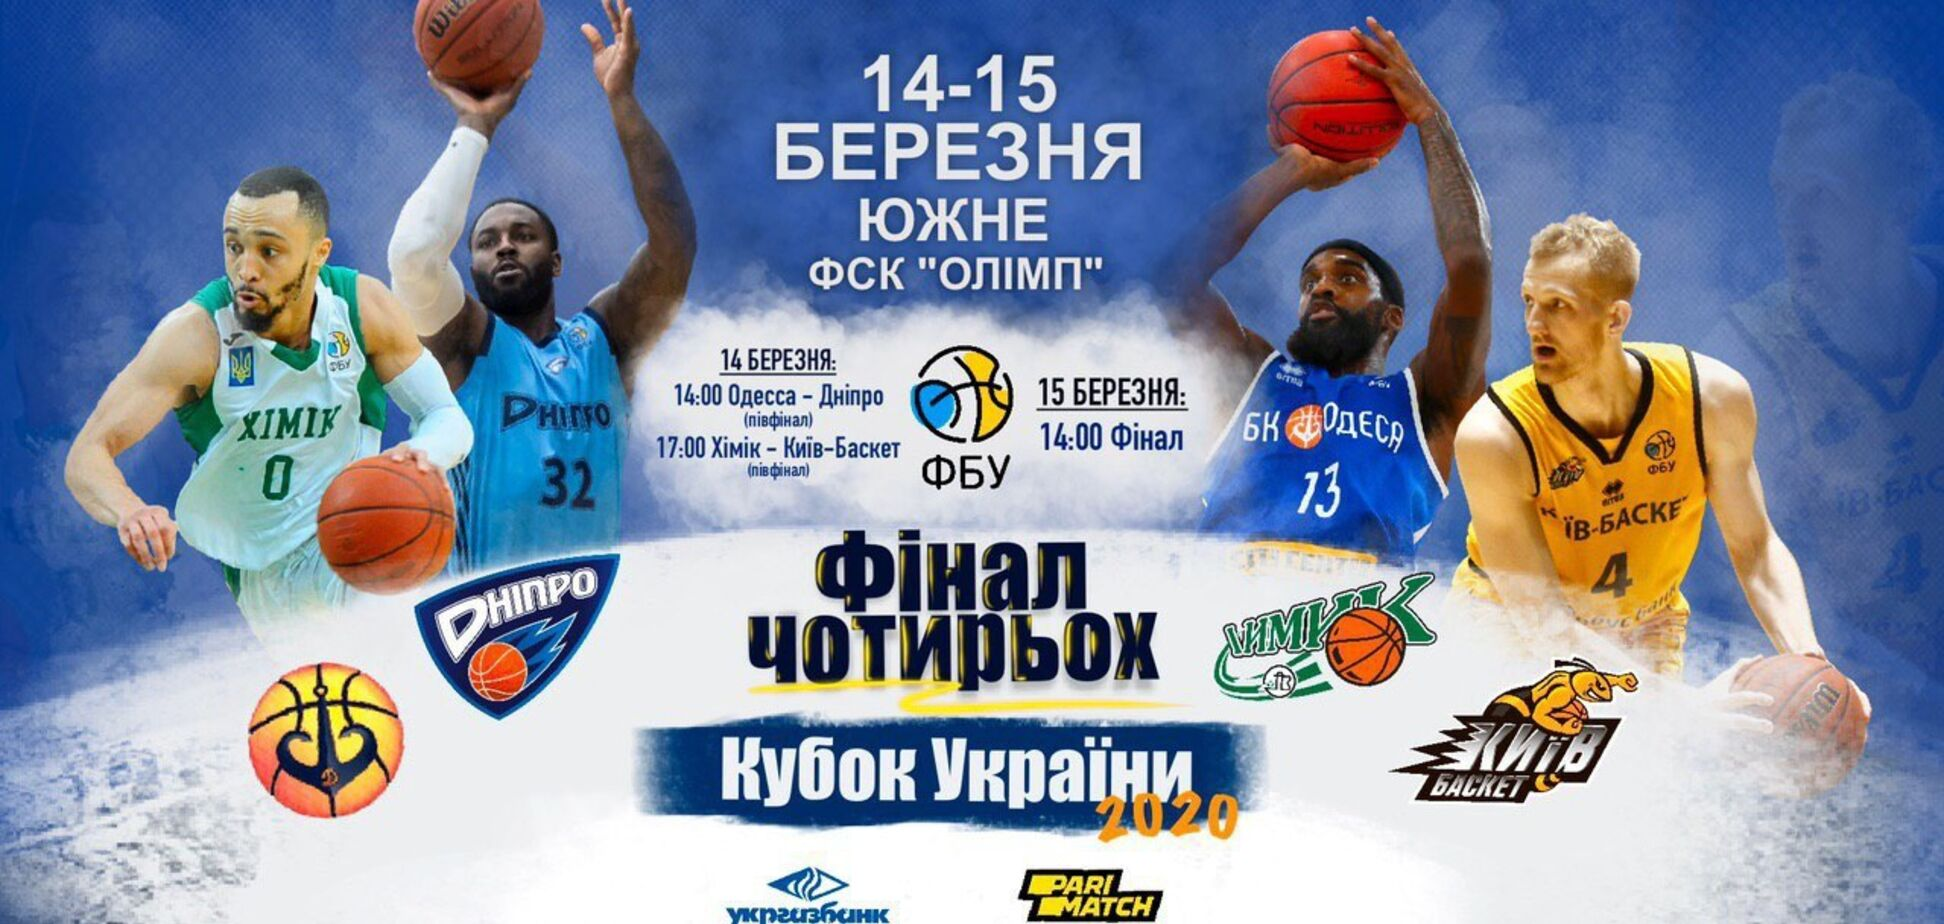 Фінал чотирьох Кубка України з баскетболу: представлено яскраве промо